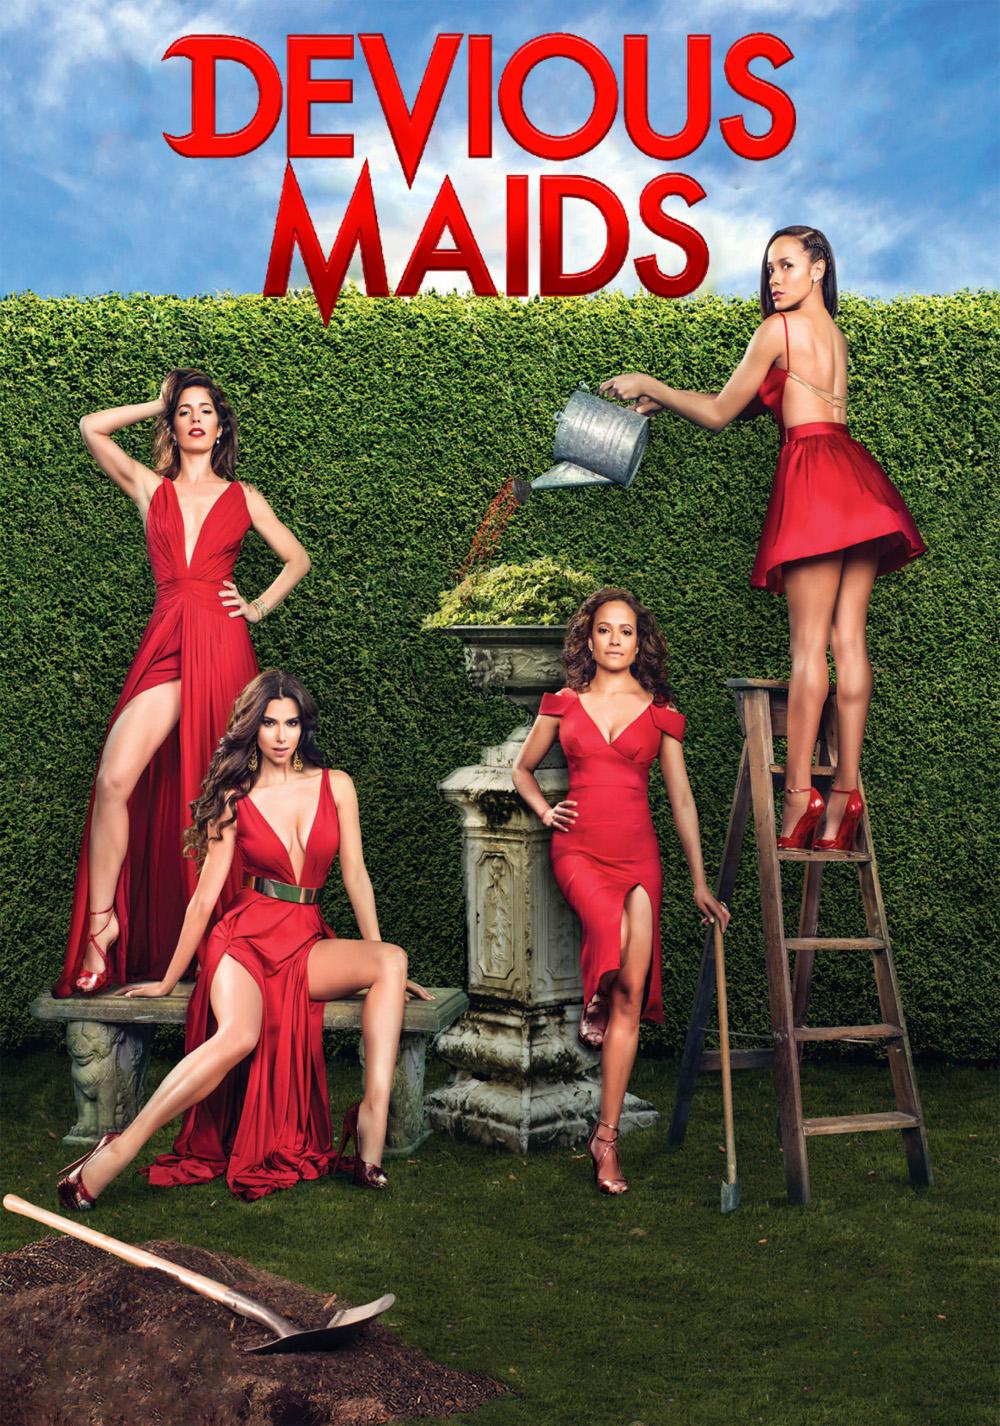 Devious Maids Episodenliste